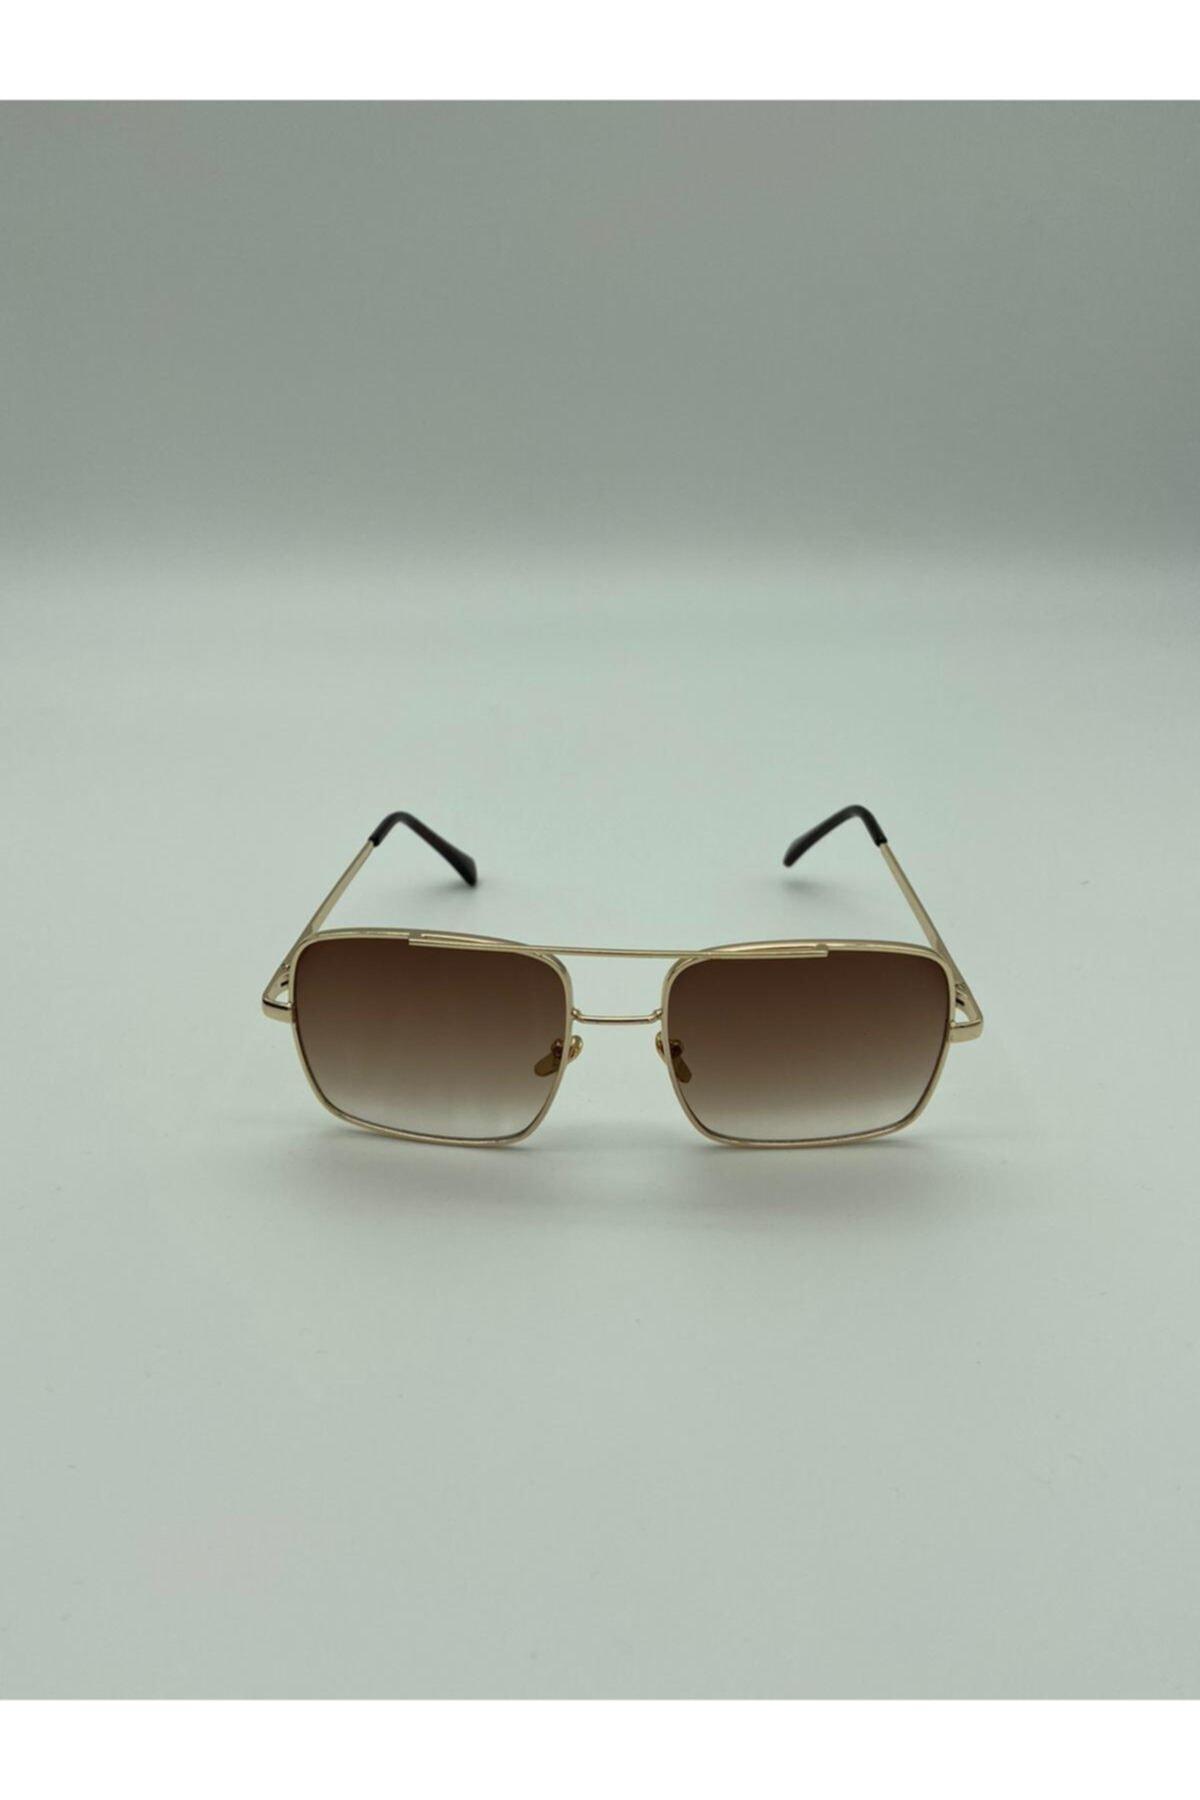 خرید انلاین عینک آفتابی جدید مردانه شیک برند ultima bala رنگ زرد ty97010768